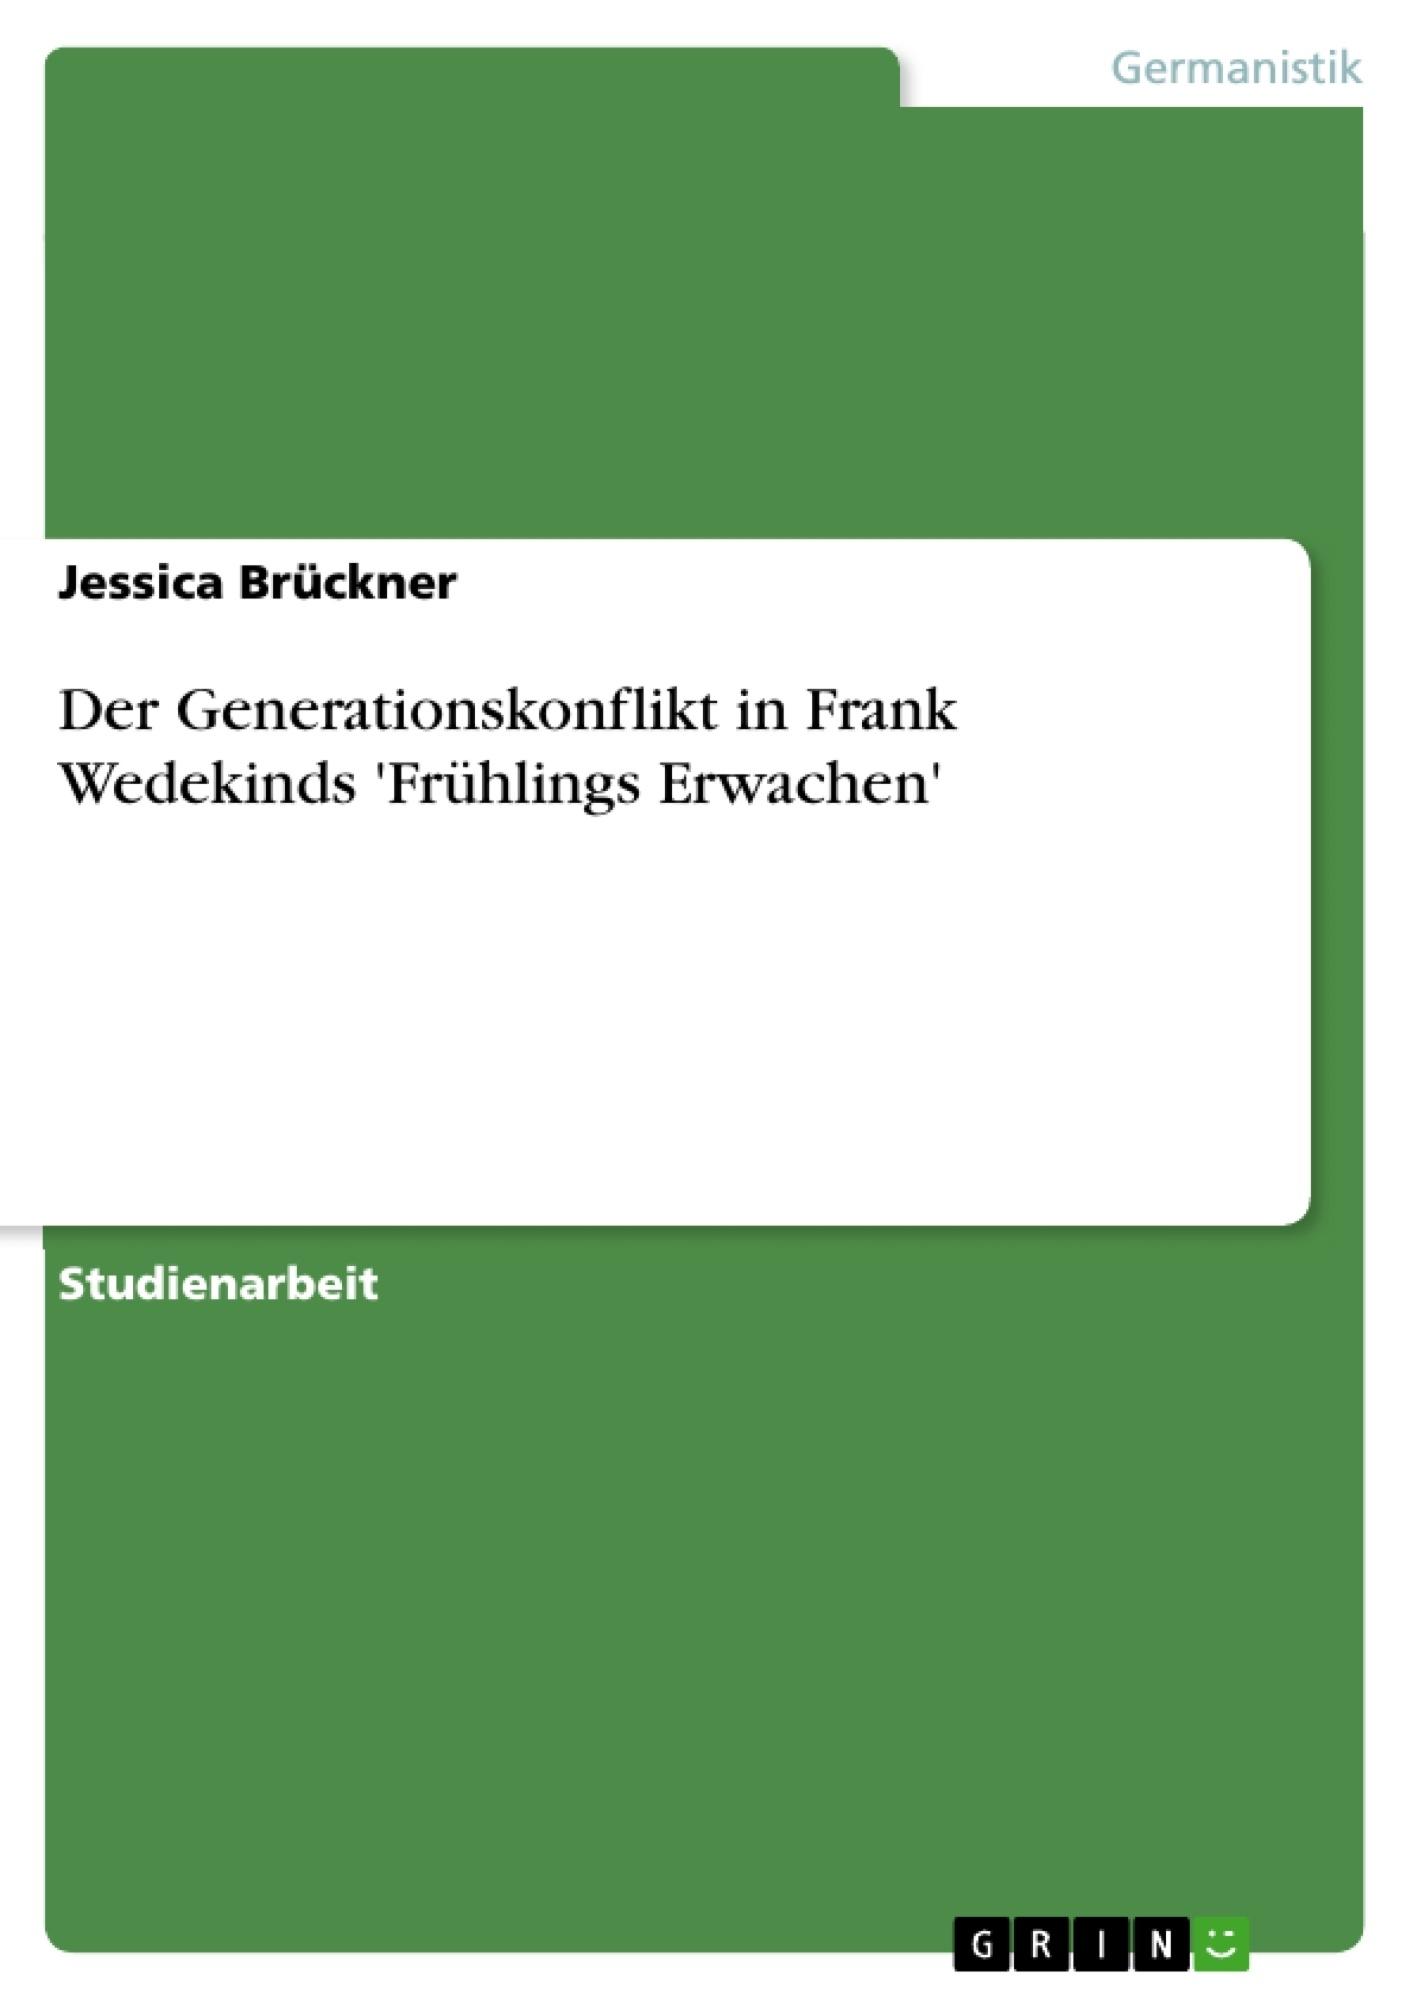 Titel: Der Generationskonflikt in Frank Wedekinds 'Frühlings Erwachen'